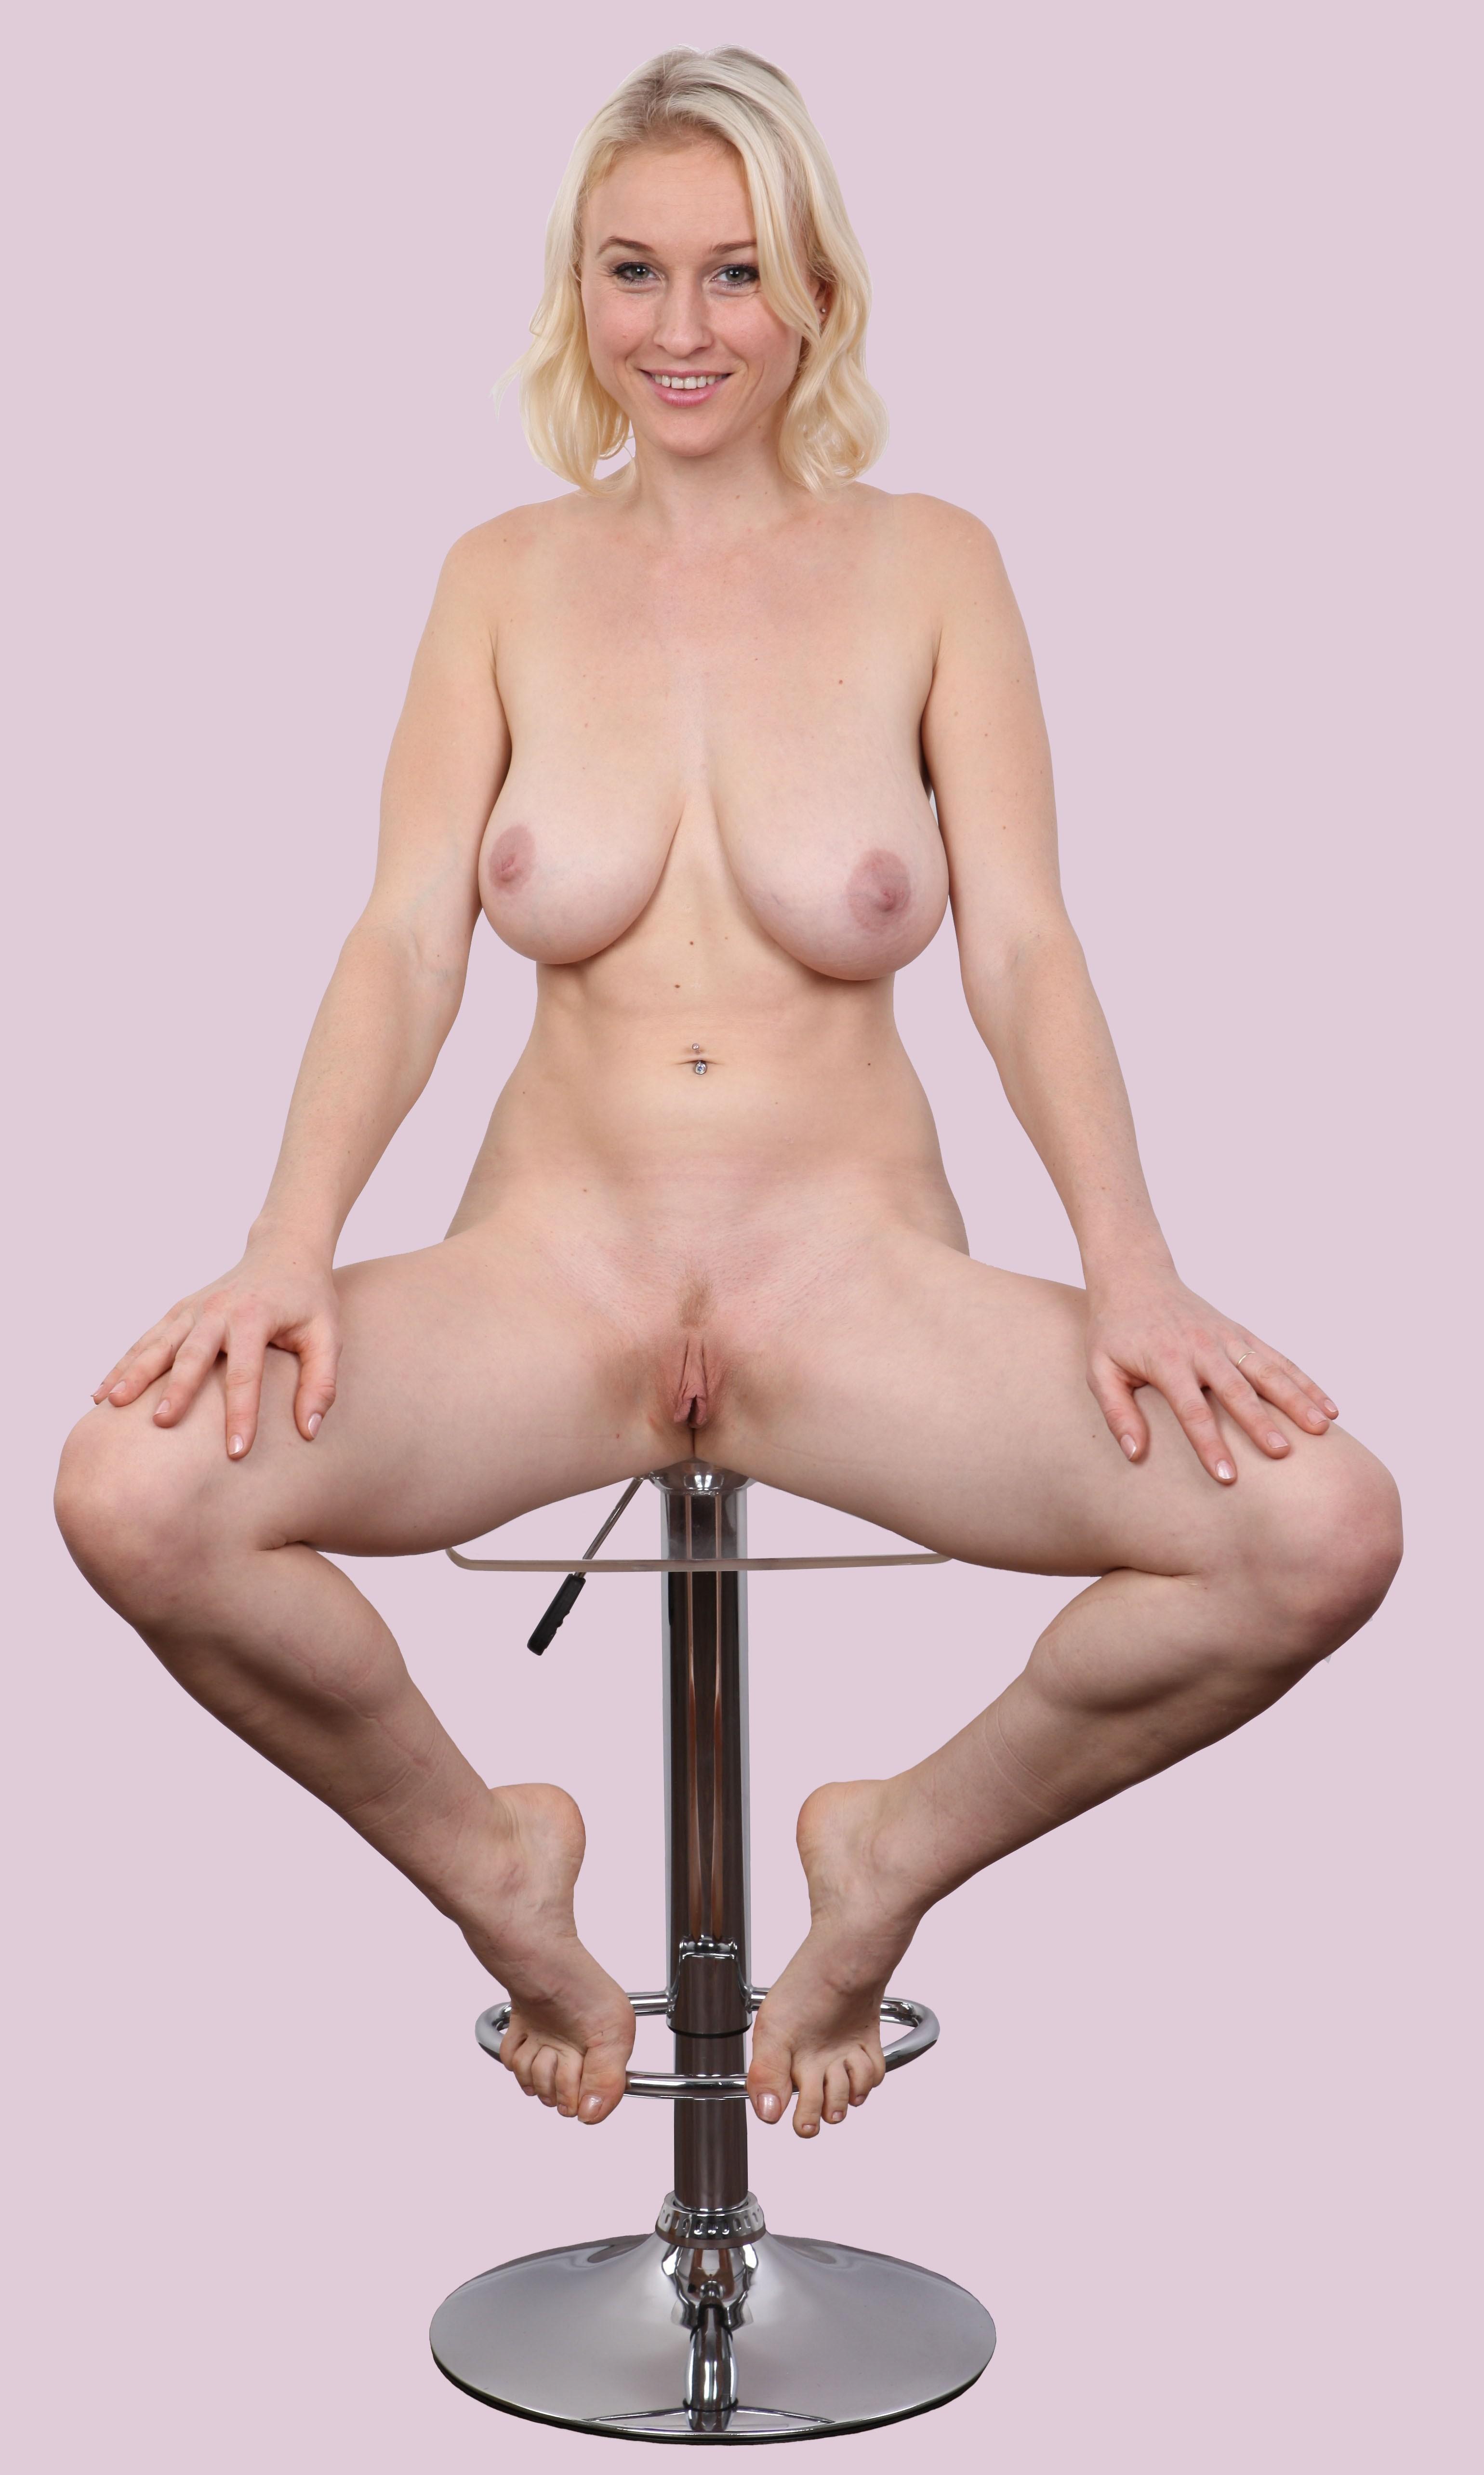 ficken Junge Mädchen - Kostenlose Sexbilder und heisse Pornobilder - Foto 6118